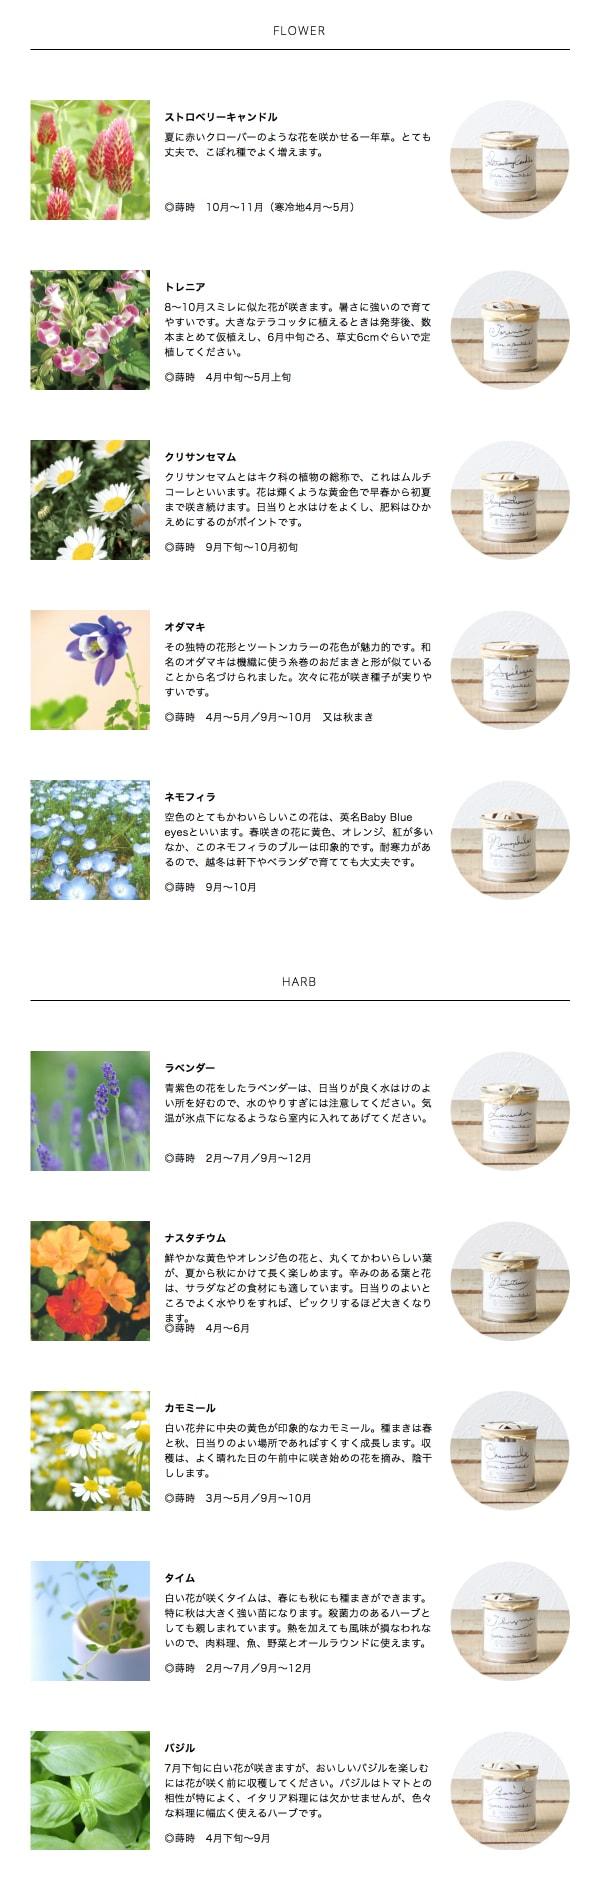 花の缶の製品ラインナップ